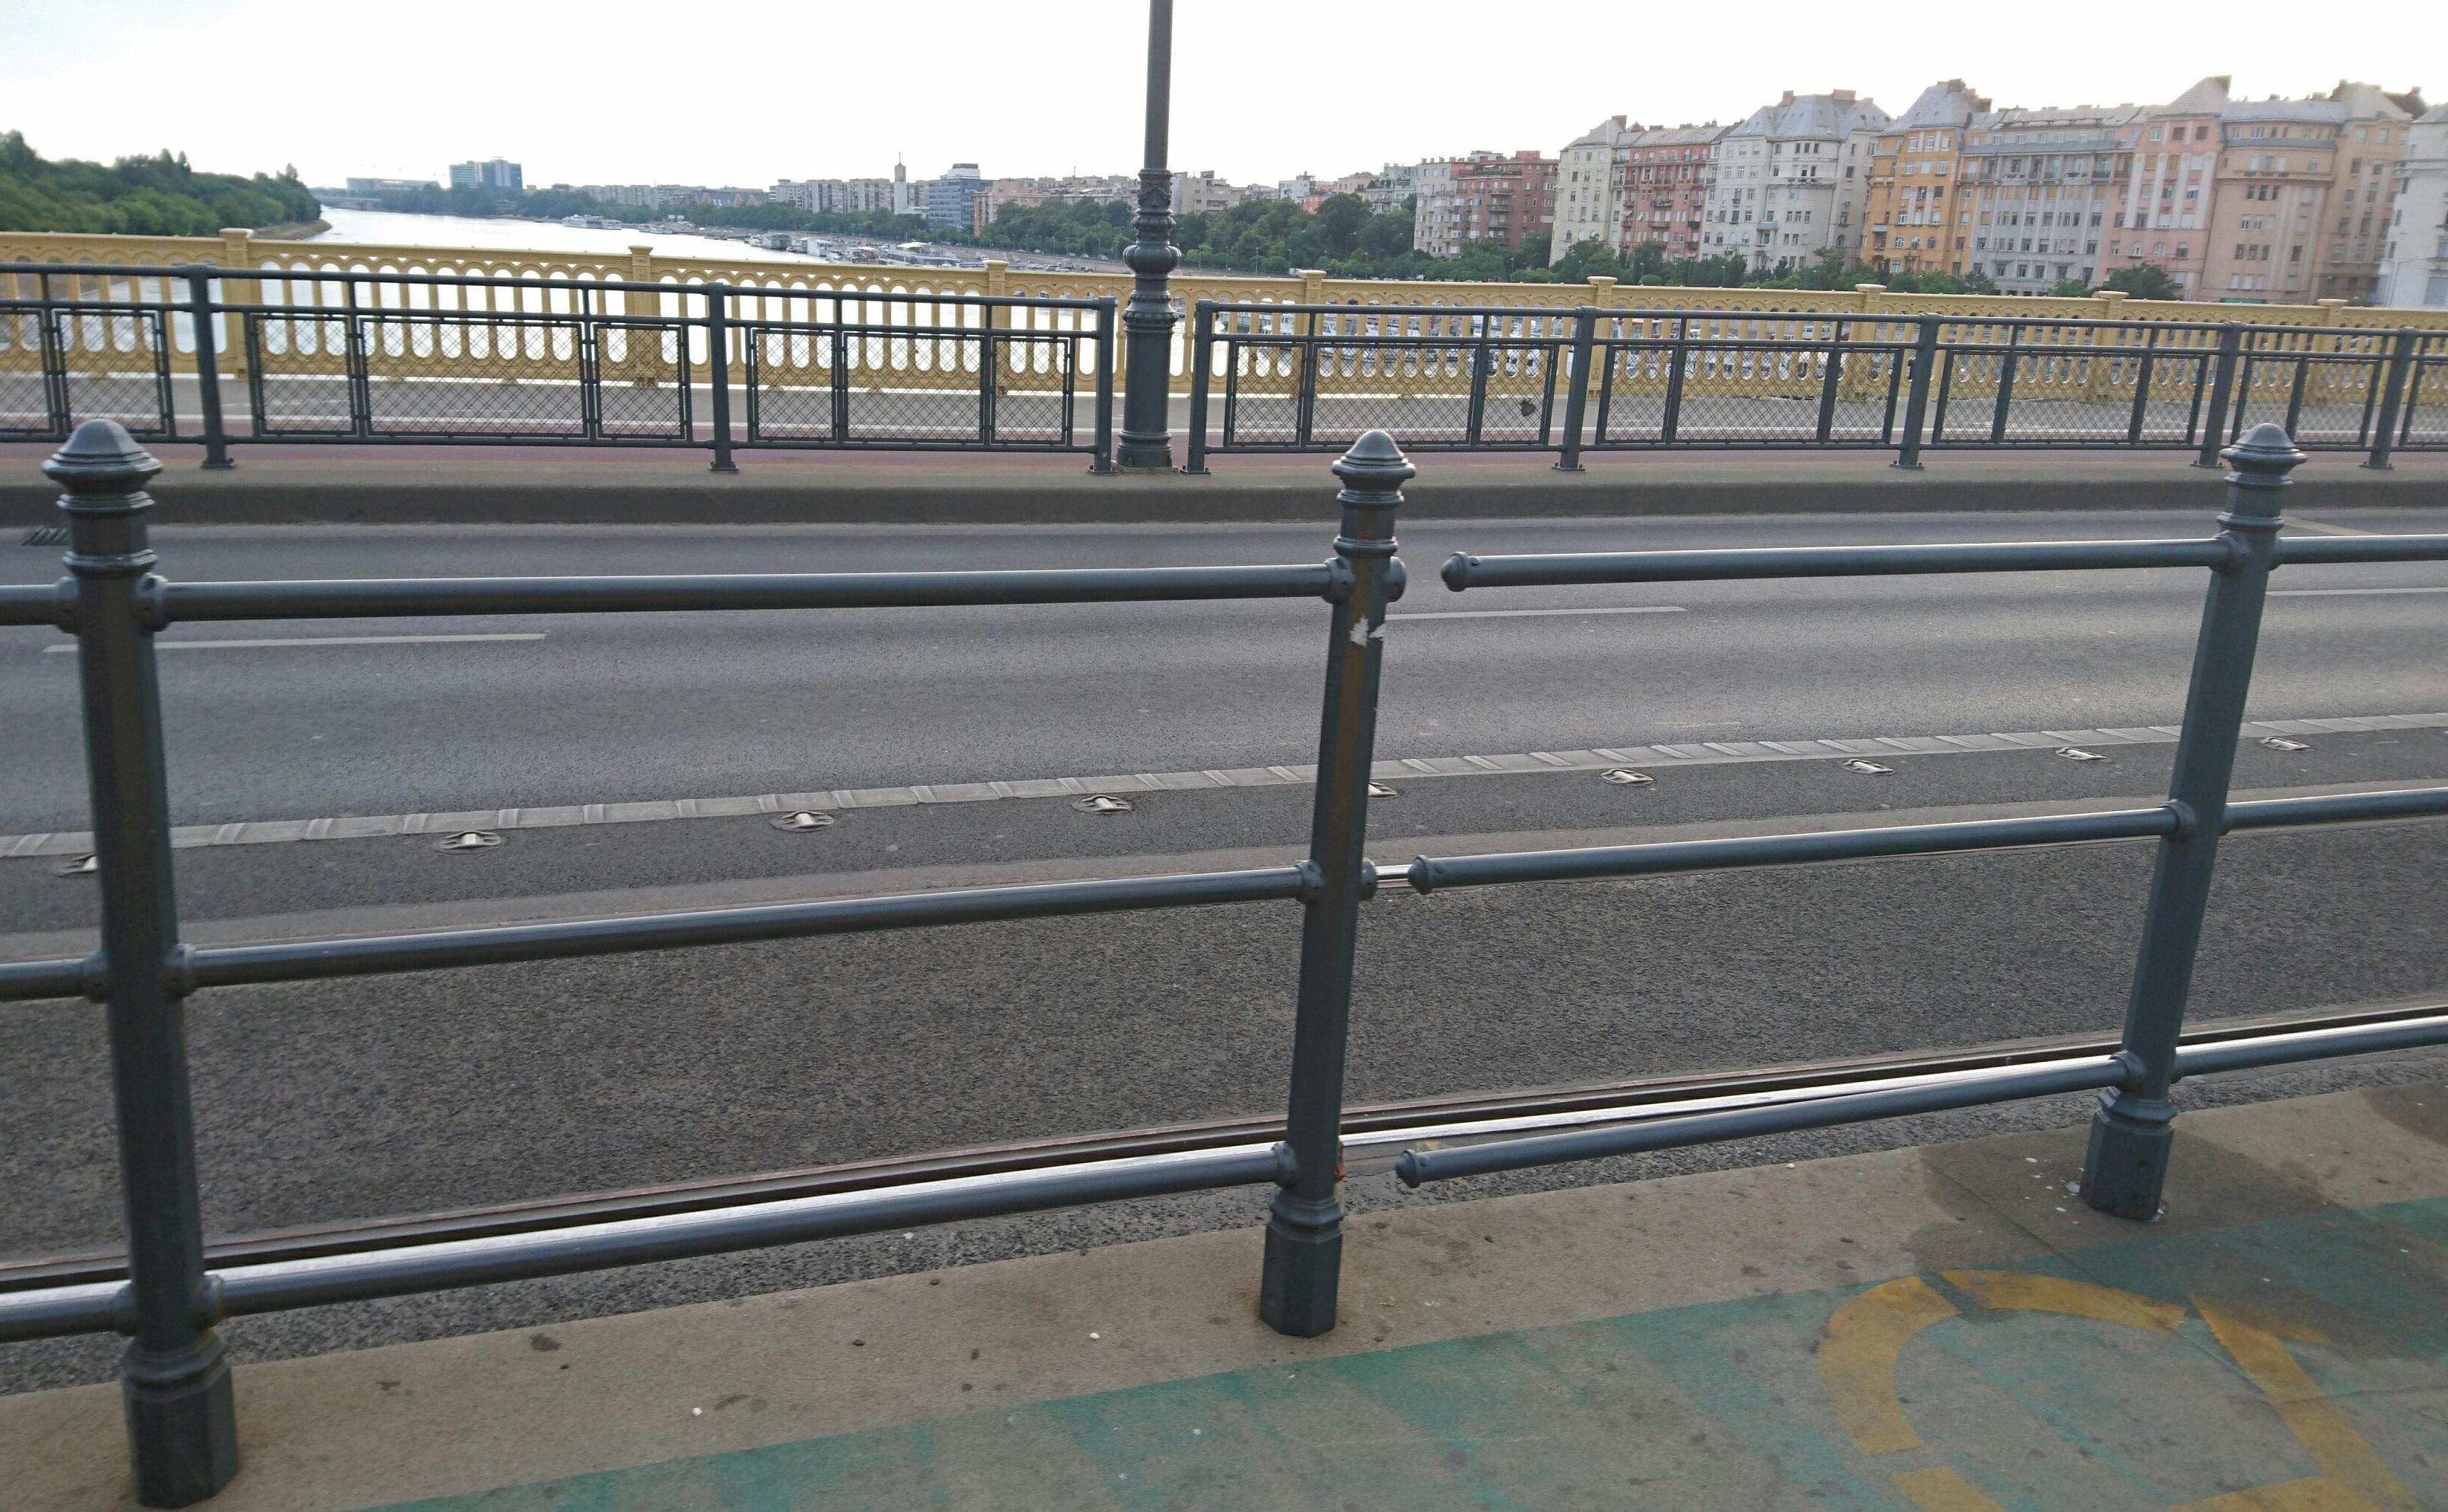 Ami a Margit hídon van, az már nem is javítás, hanem kortárs művészet